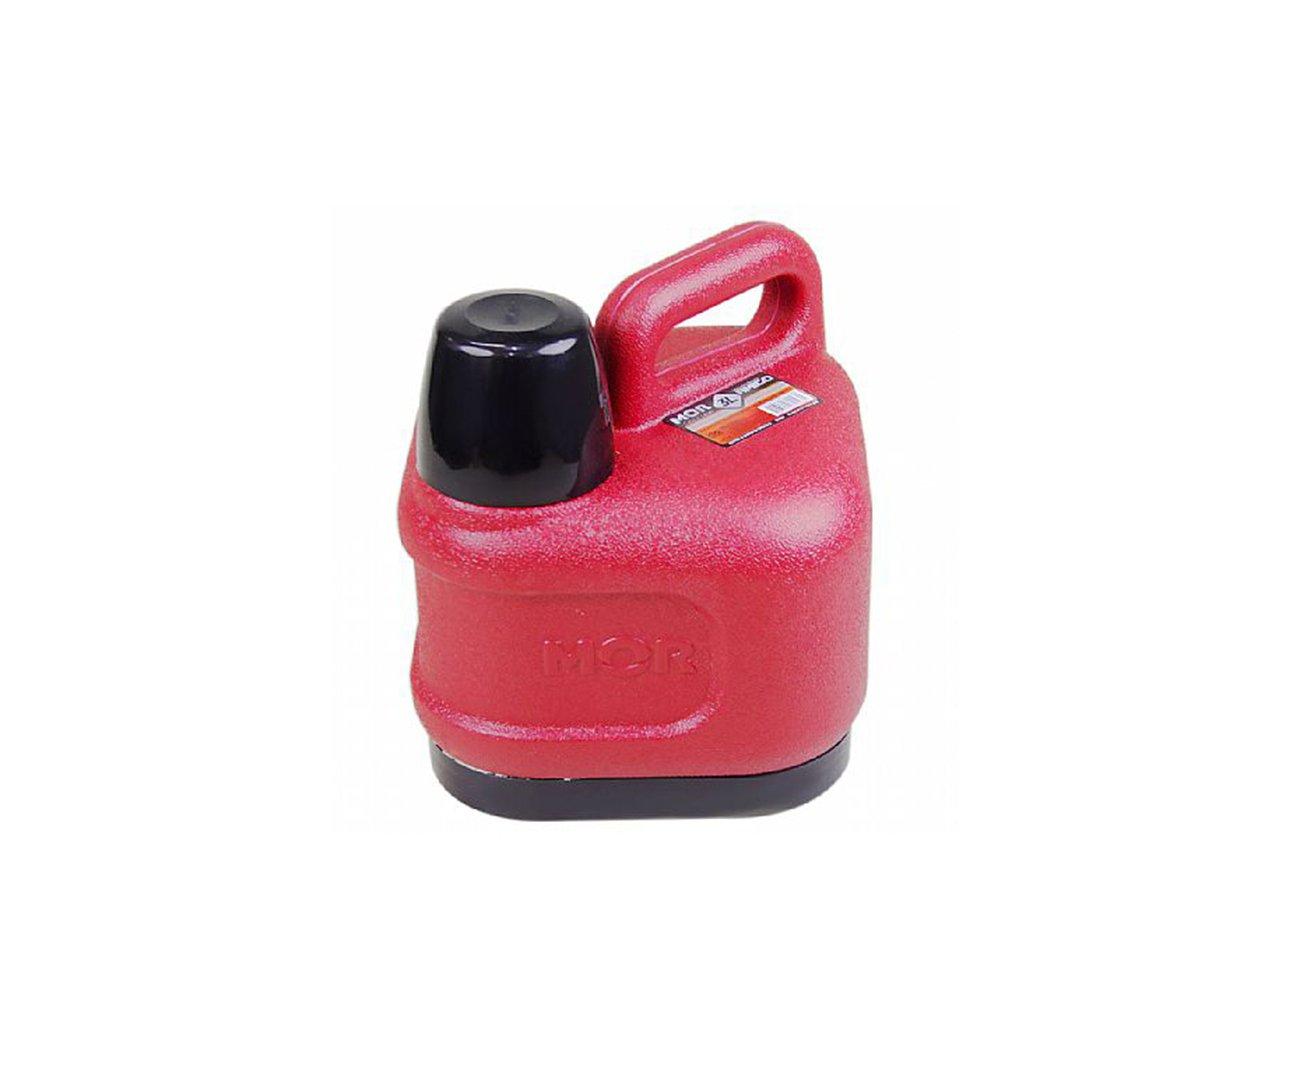 Garrafão Térmico Amigo 3,0 Litros Vermelho Ref. 25108022 - Mor